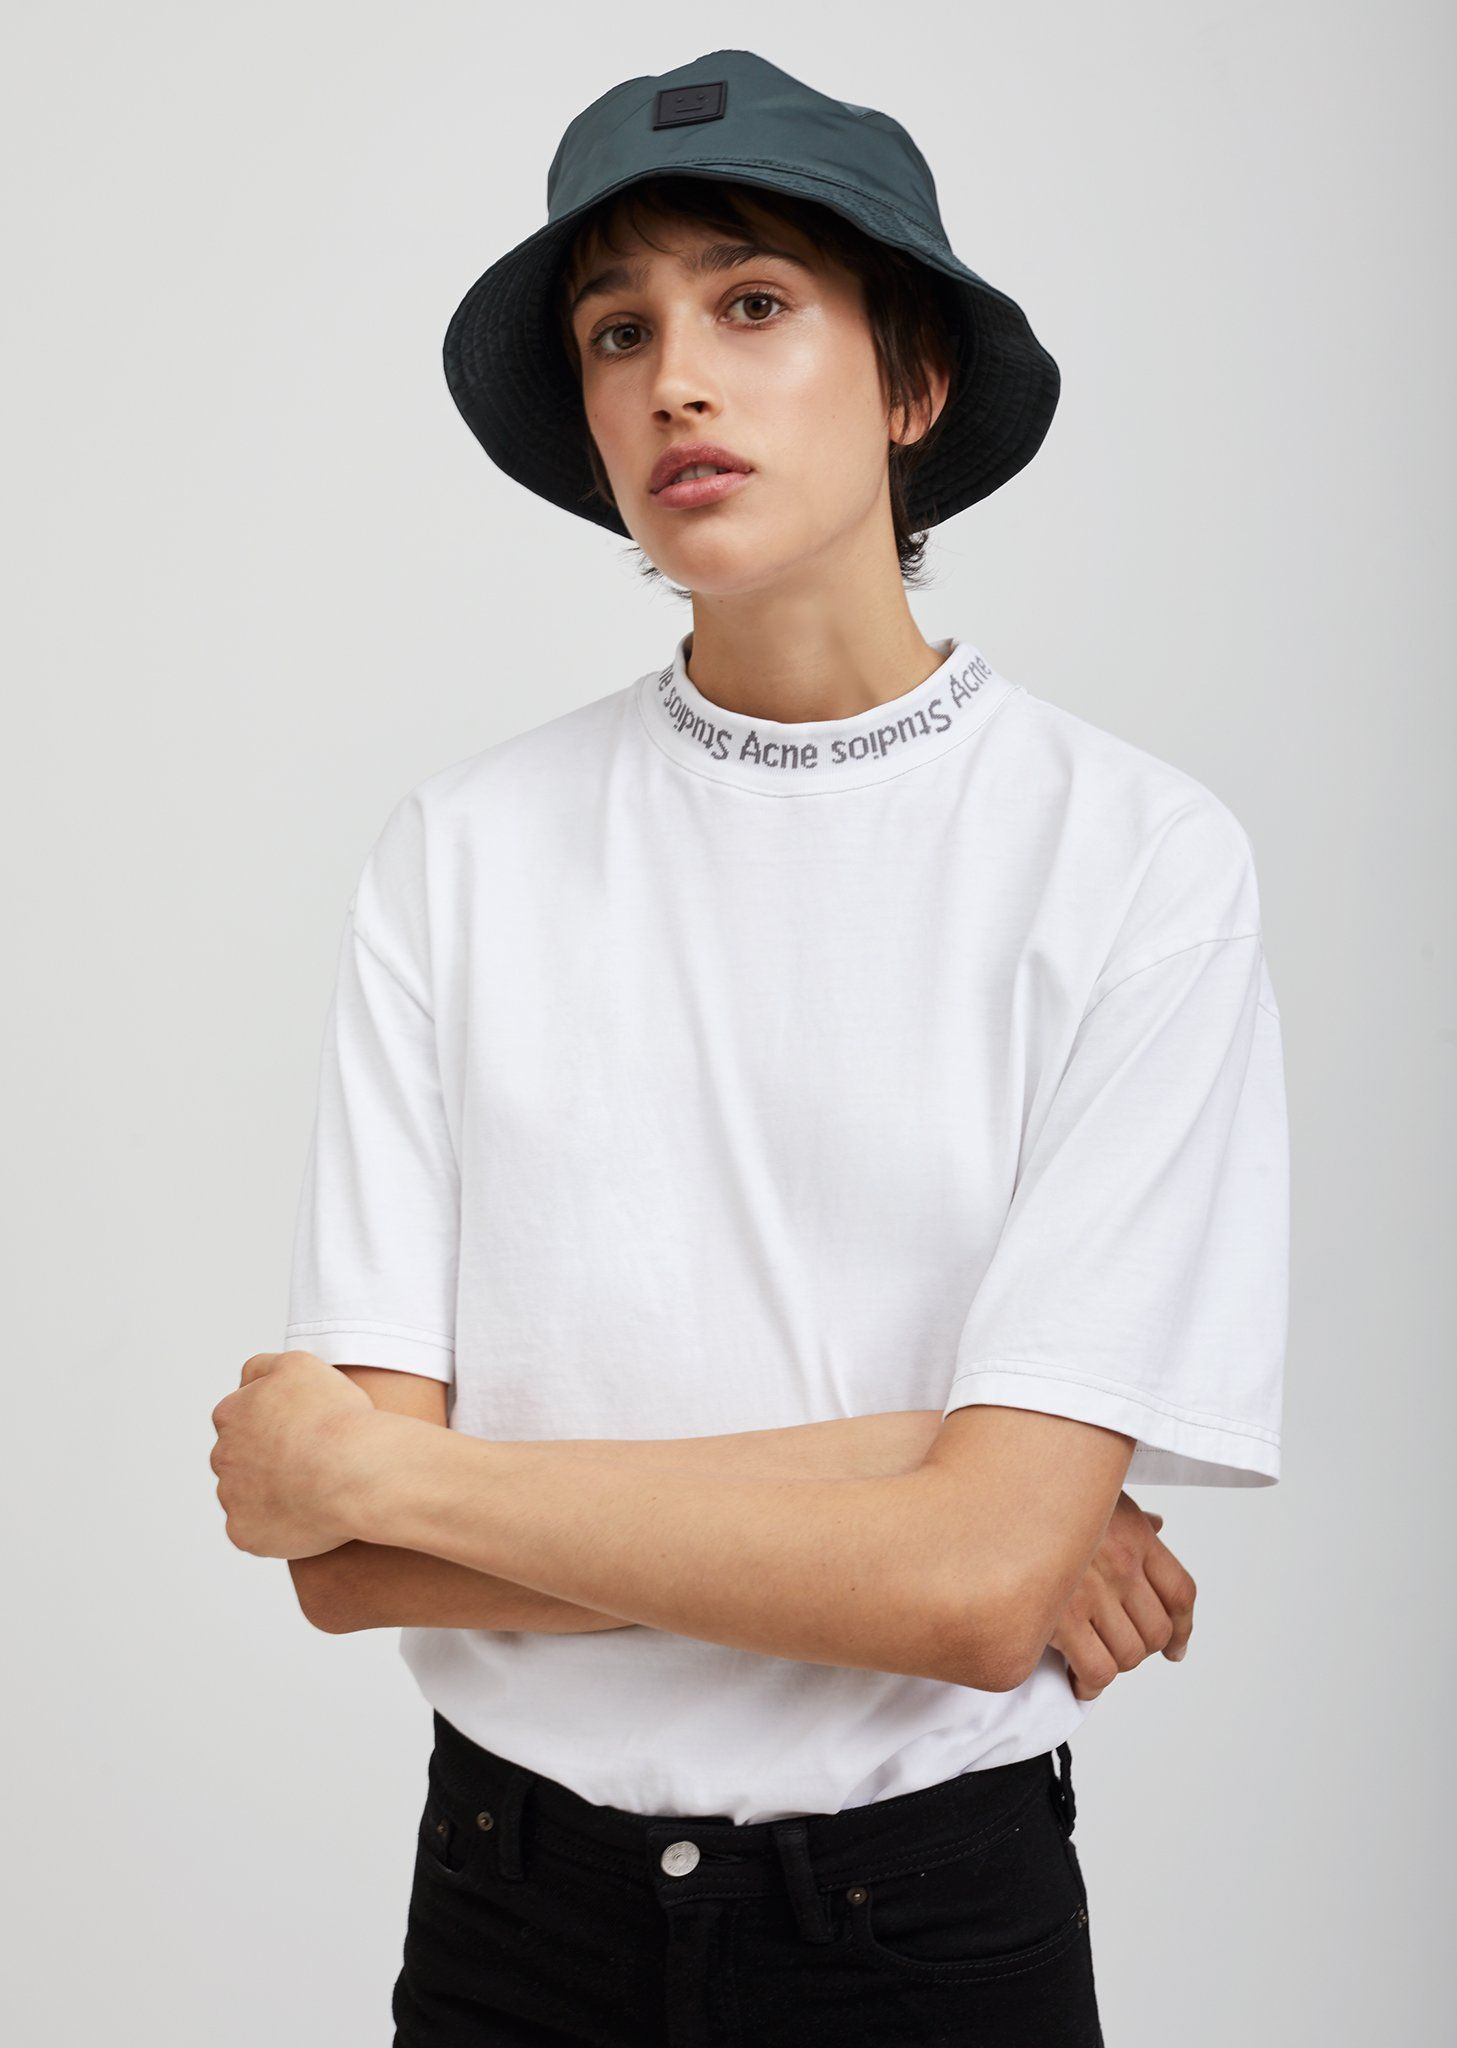 Buk Face Bucket Hat - One Size   Steel Blue  86a4f90f219e